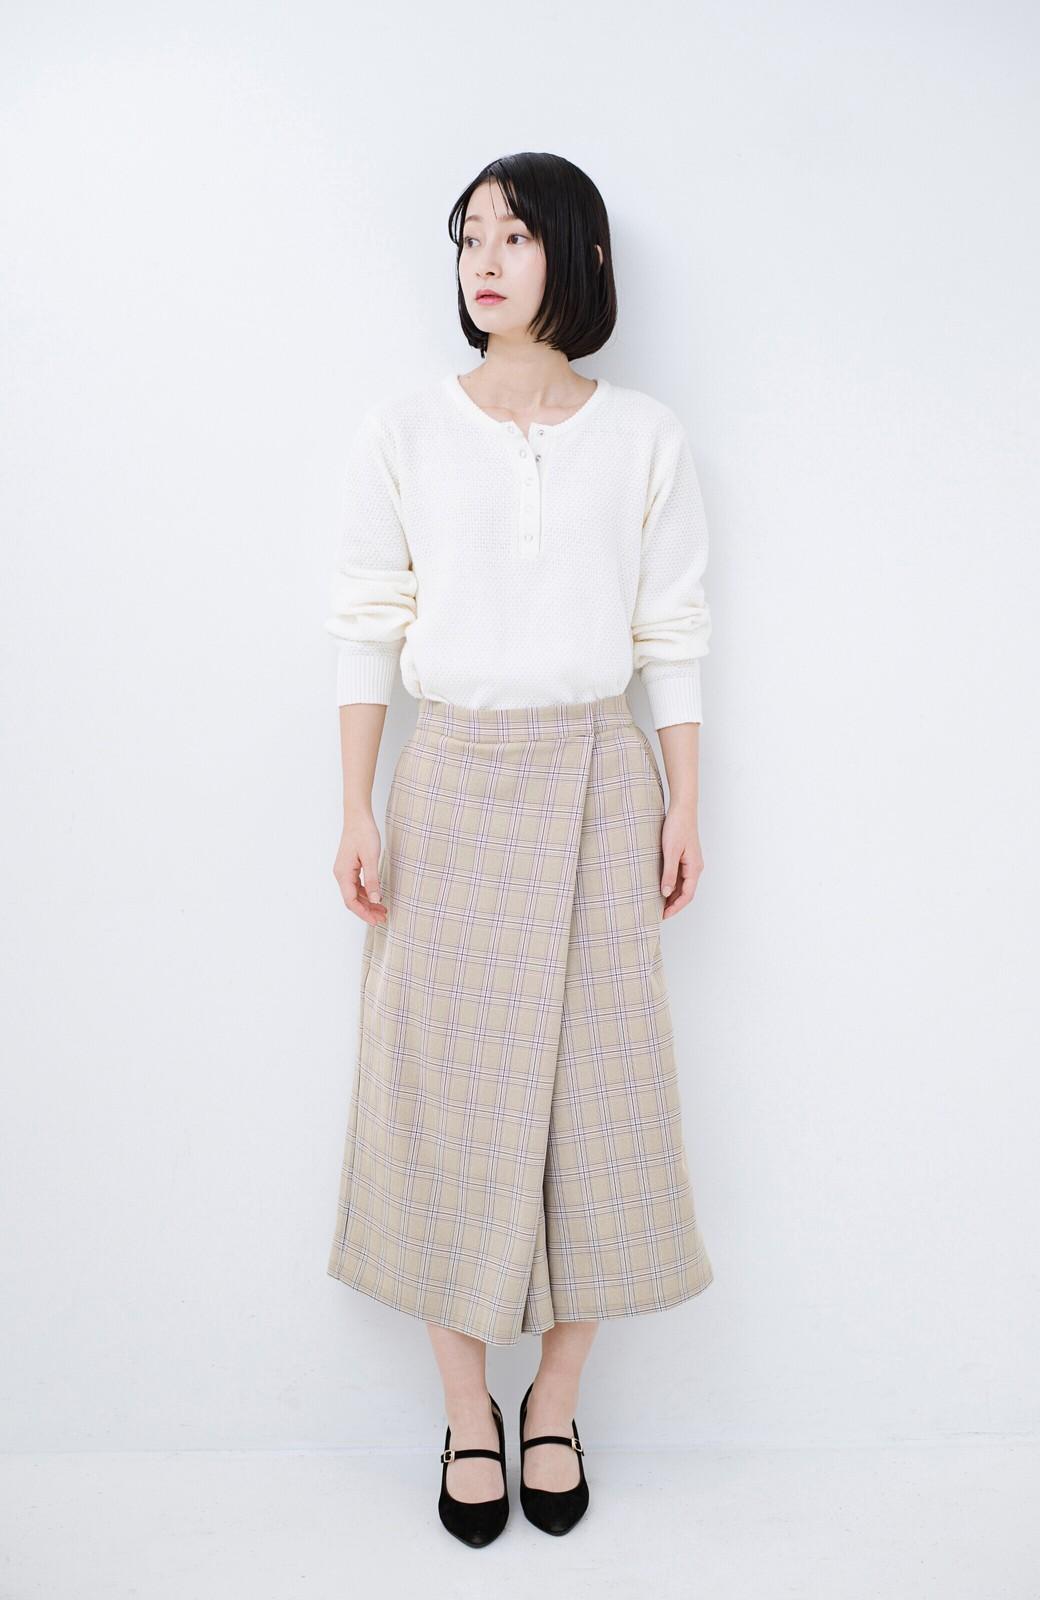 haco! 動きやすいのにちゃんと女子見え スカートみたいな華やかチェックパンツ <ブラウン系その他>の商品写真9